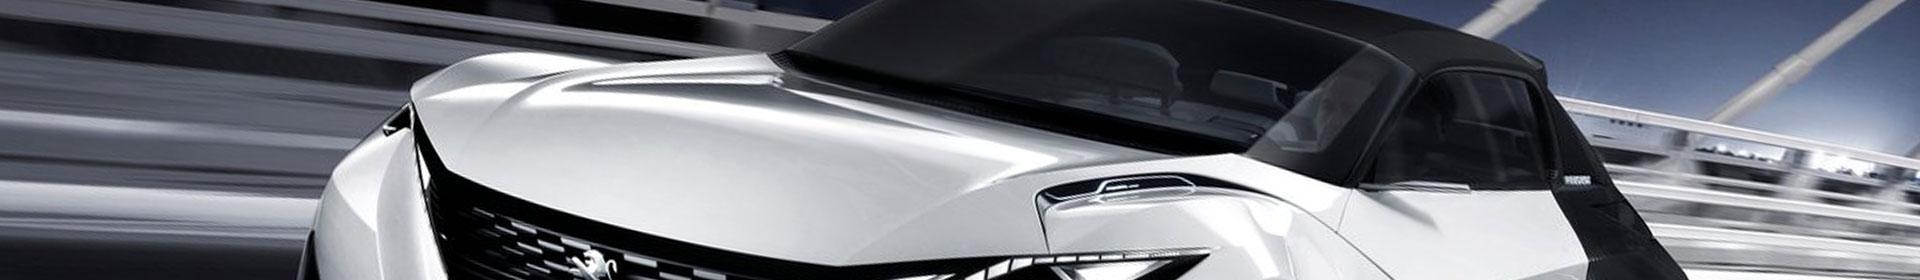 Auto Louwes nieuwe en gebruikte auto's - Garantie